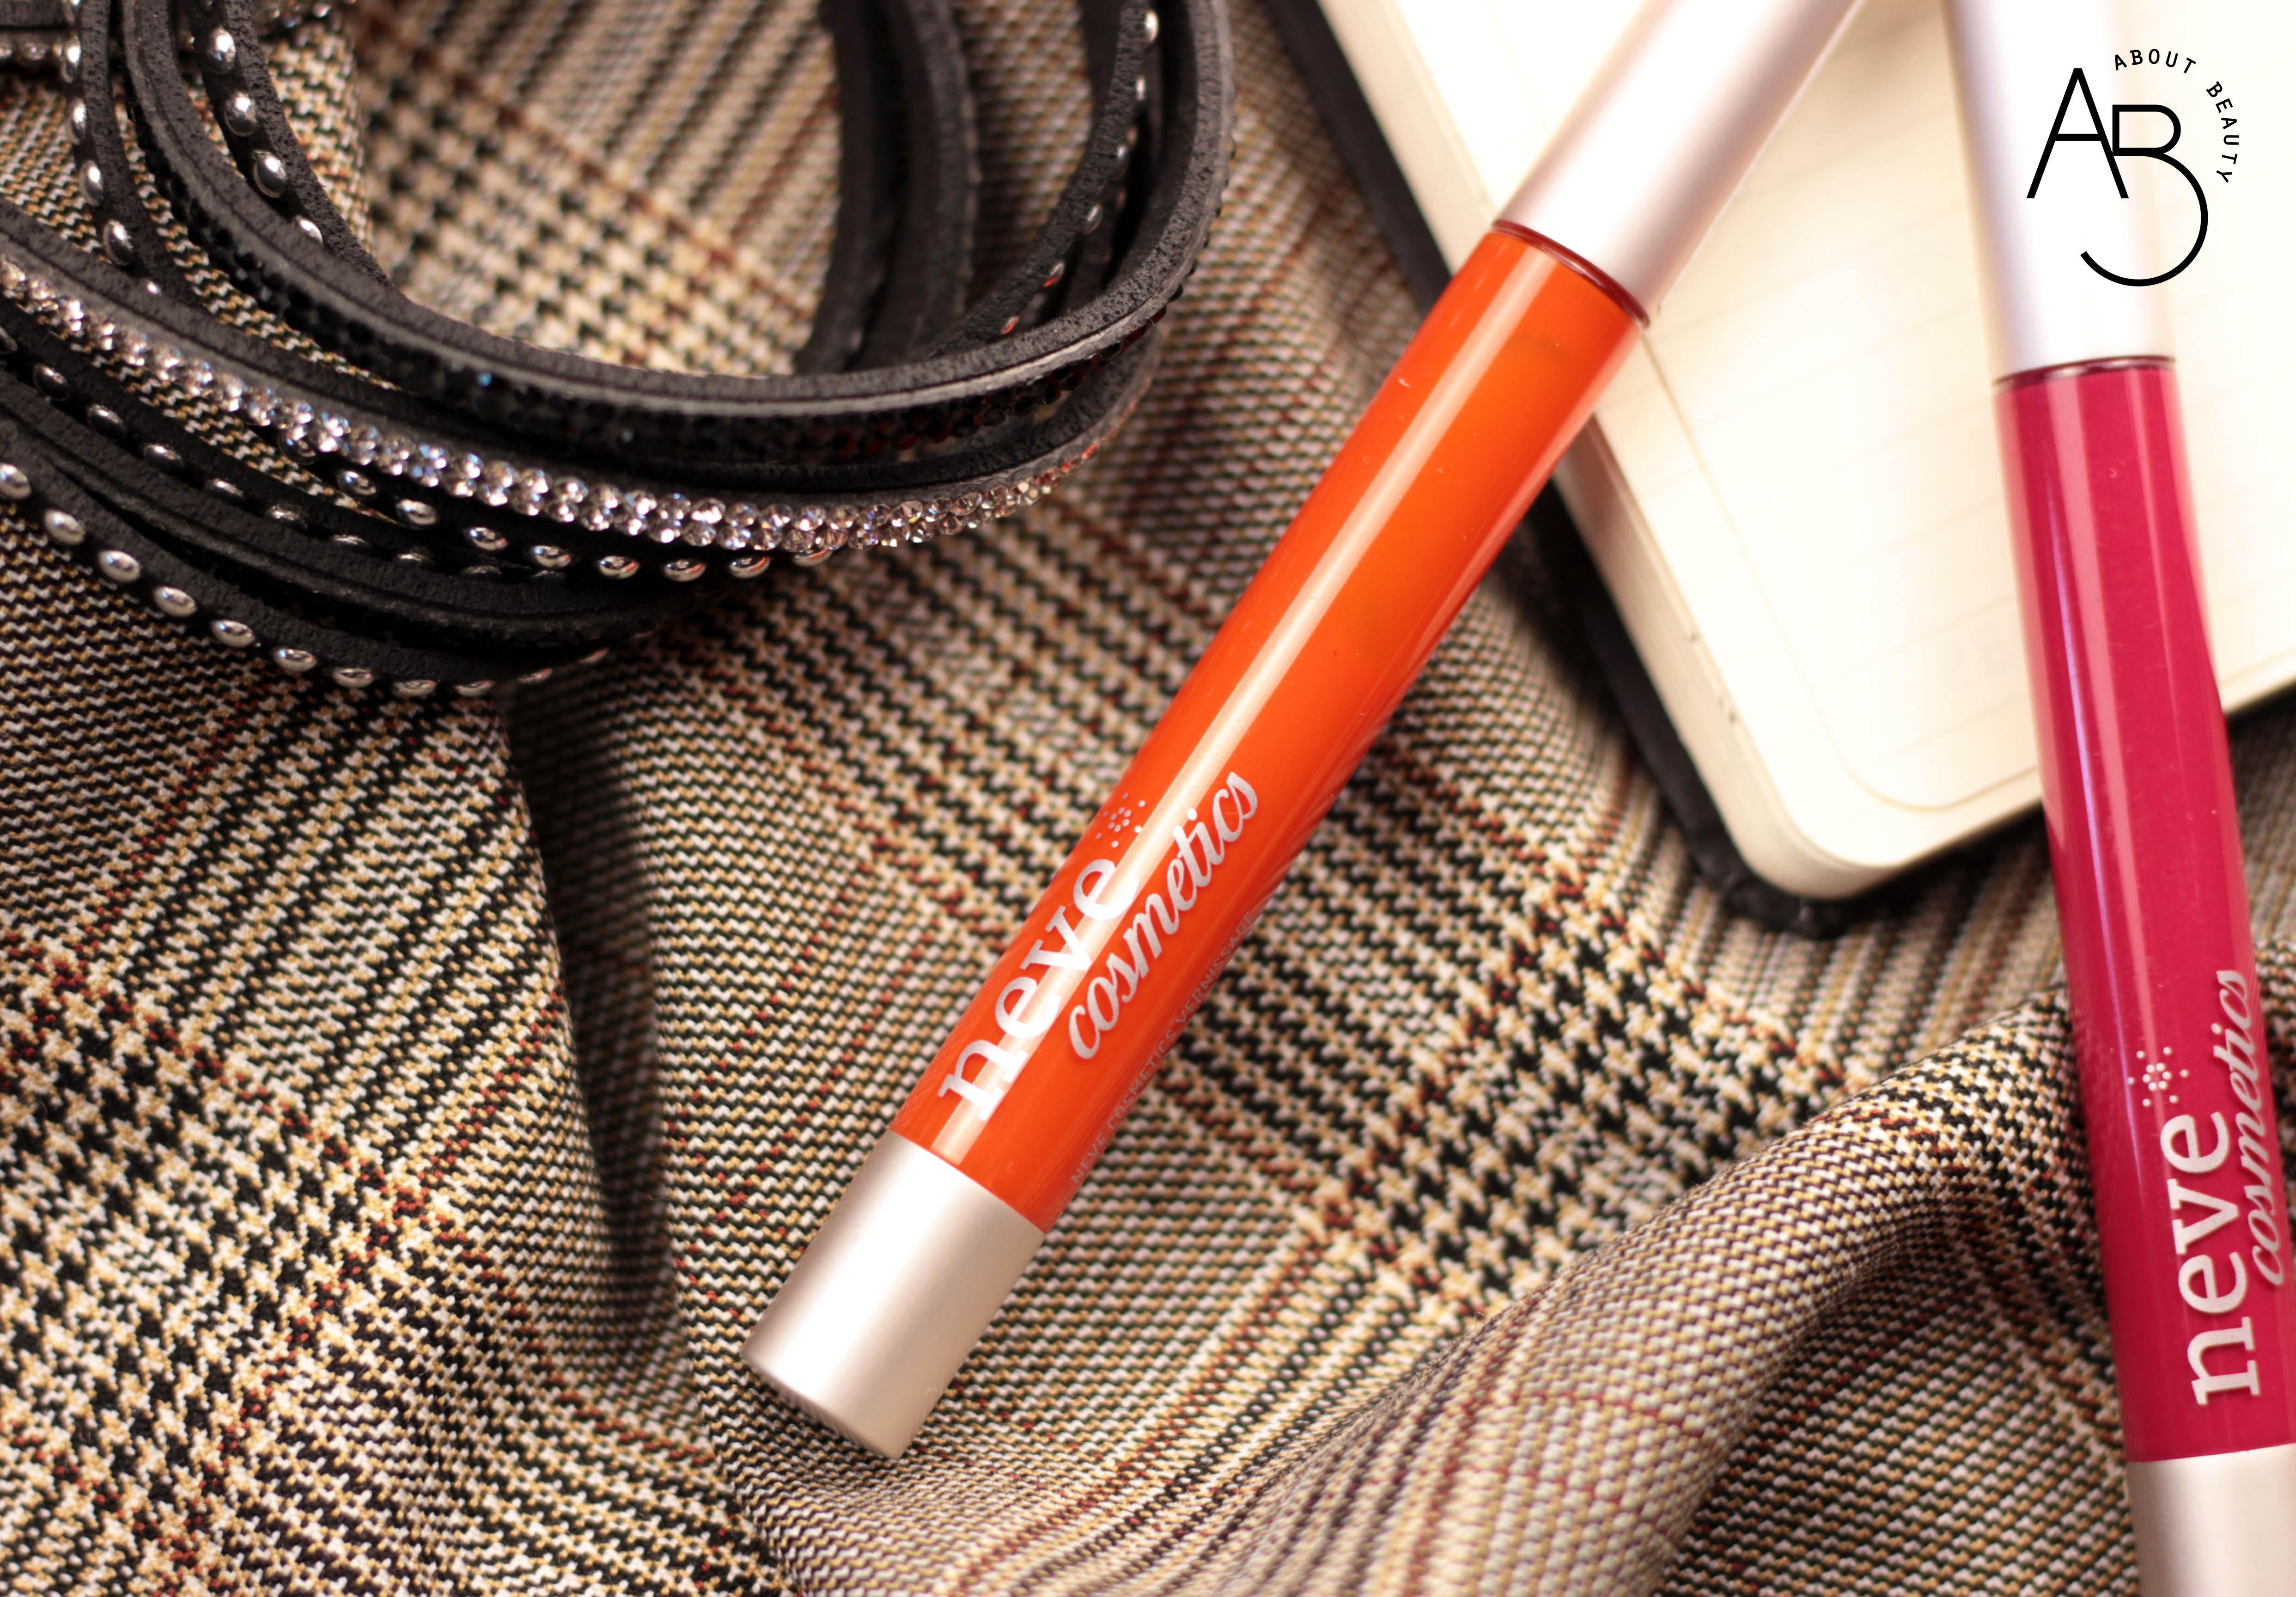 Neve Cosmetics Rebel Epoque - Review, recensione, opinioni, swatch, prezzo, dove acquistare, sconto - Vernissage Gloss Cha-U-Kao